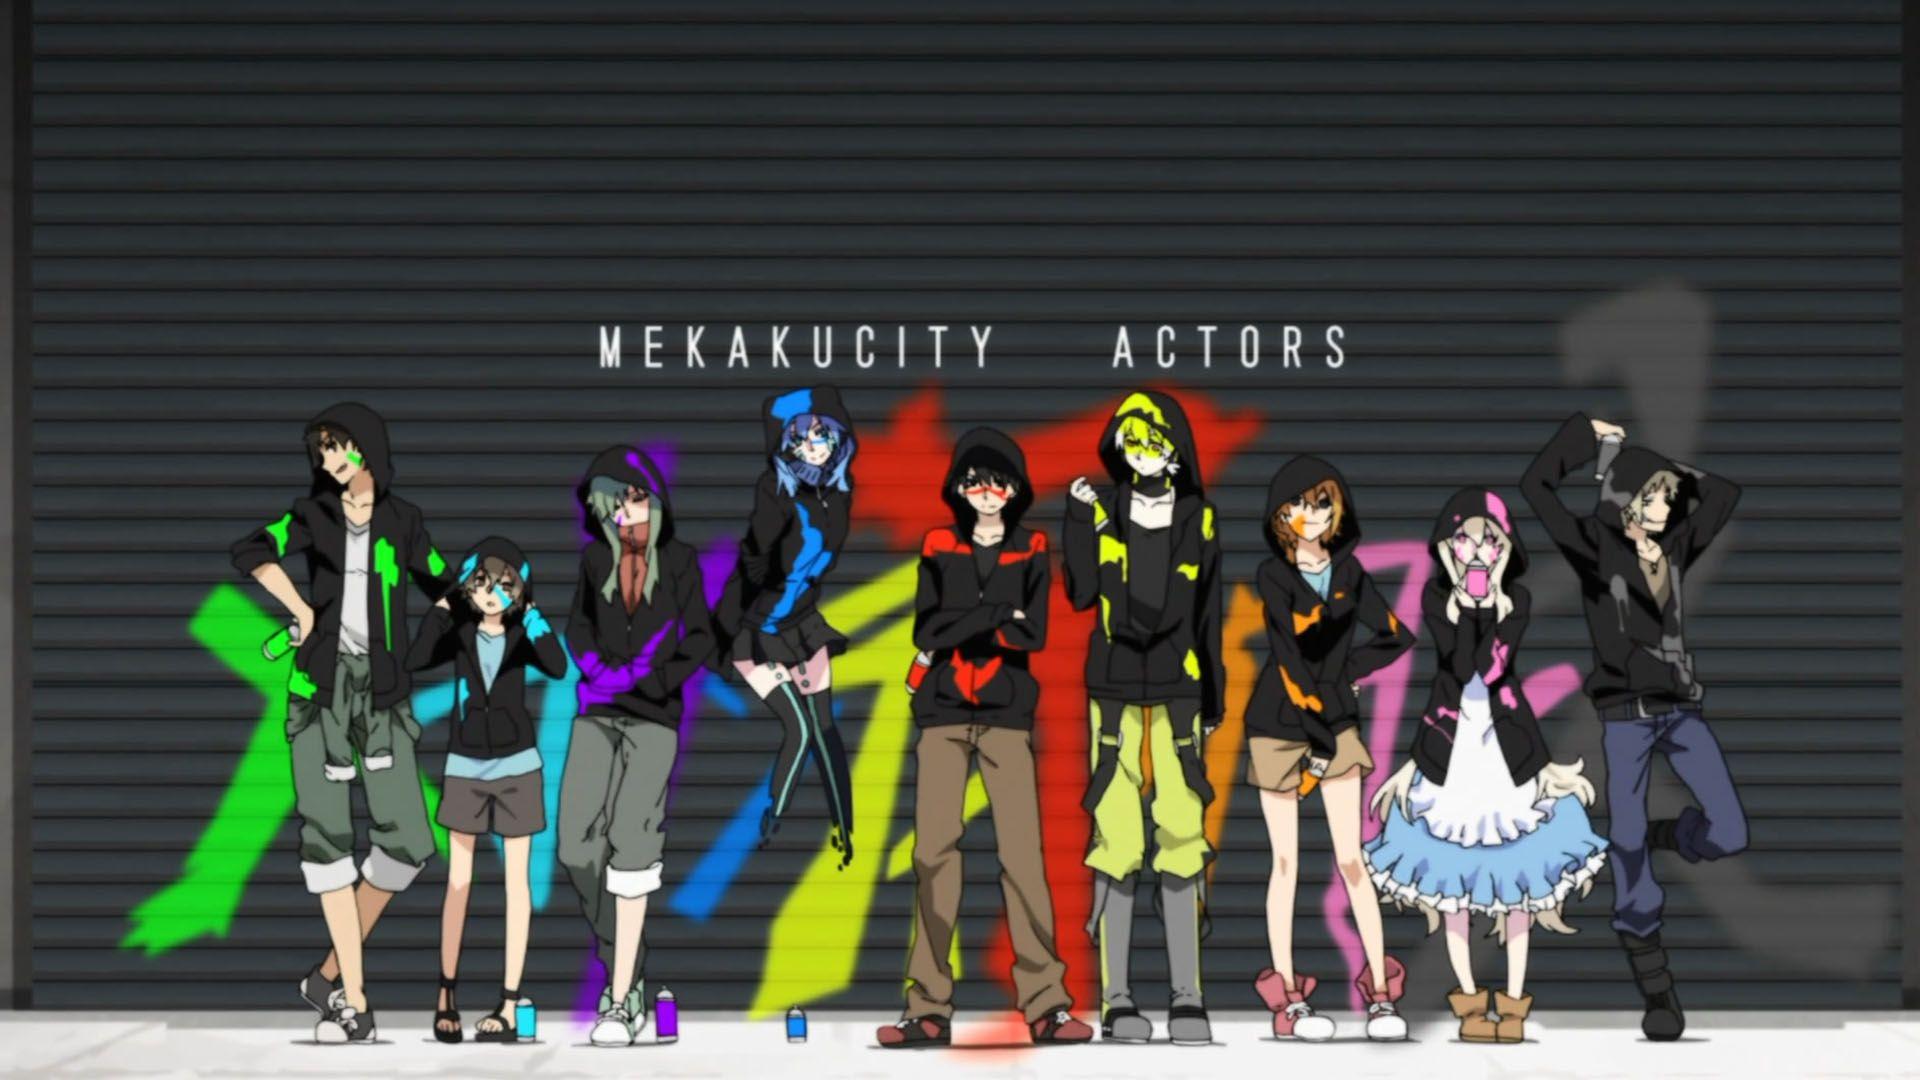 mekakucity actors 1080p wallpaper places to visit